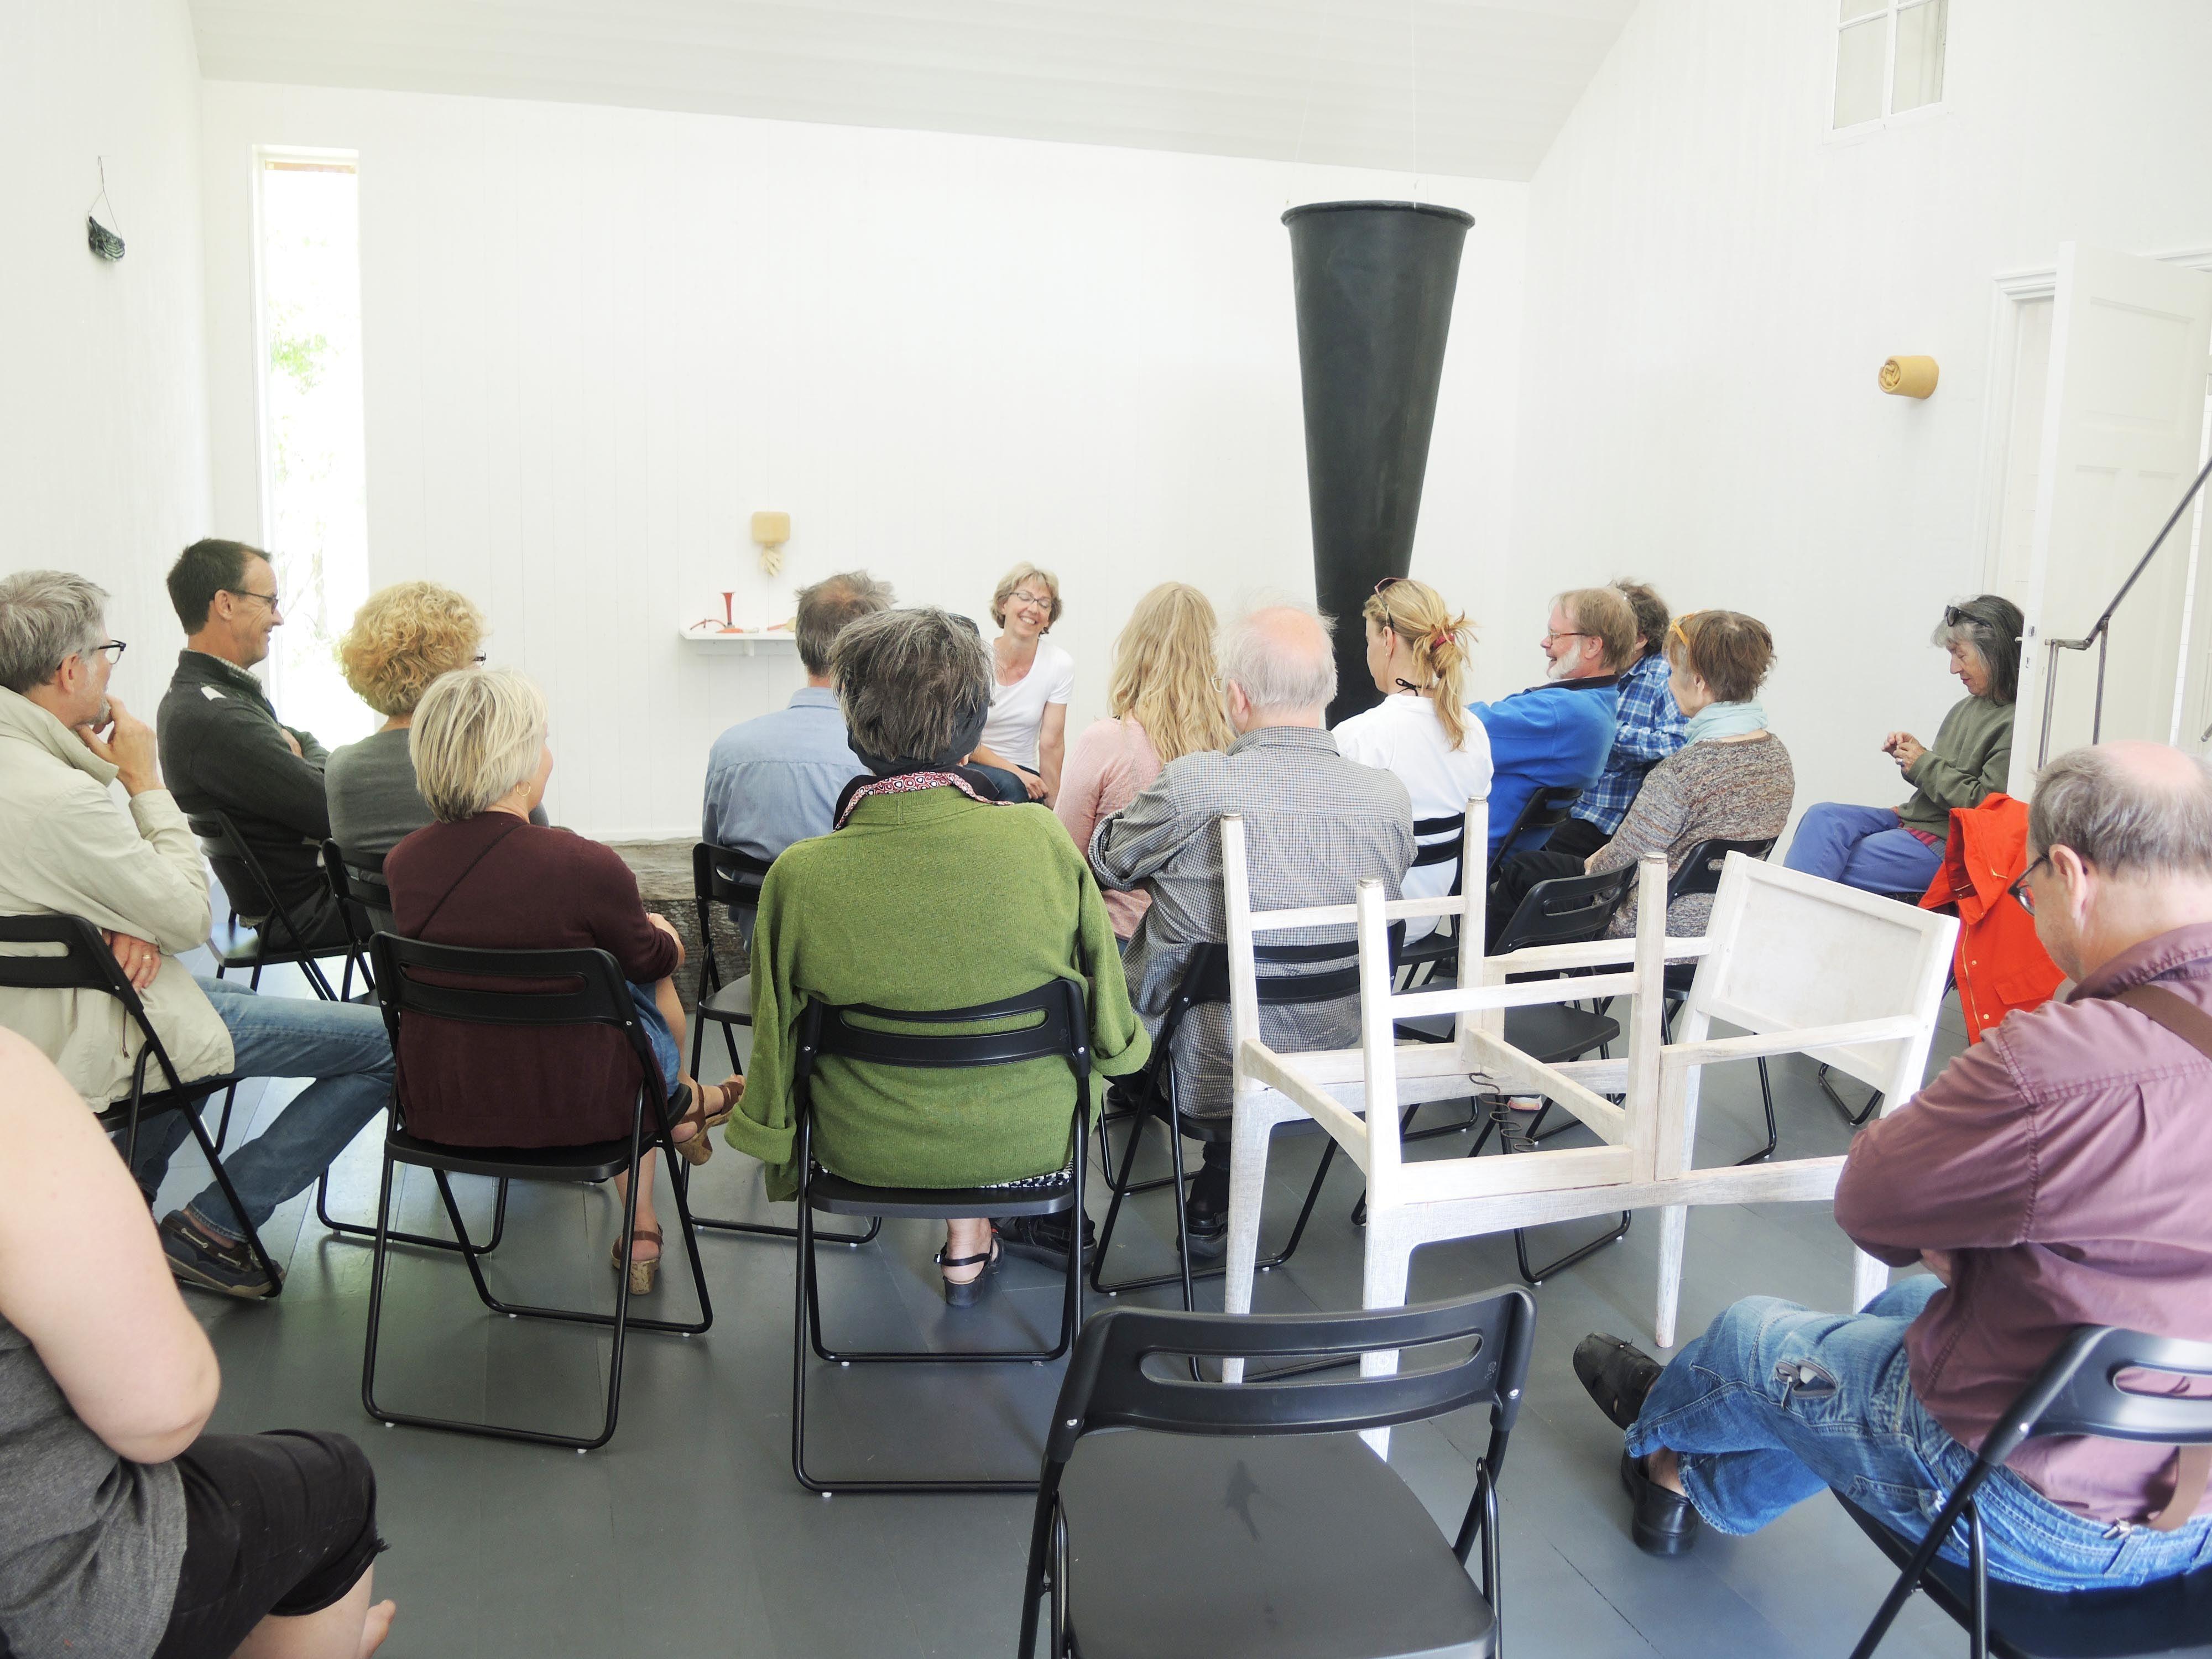 Katrin Zackrisson Caldeborg,  © Katrin Zackrisson Caldeborg, Anna Kristensen berättar under en kvart om sitt konstnärskap i utställningen Berit Lindfeldt